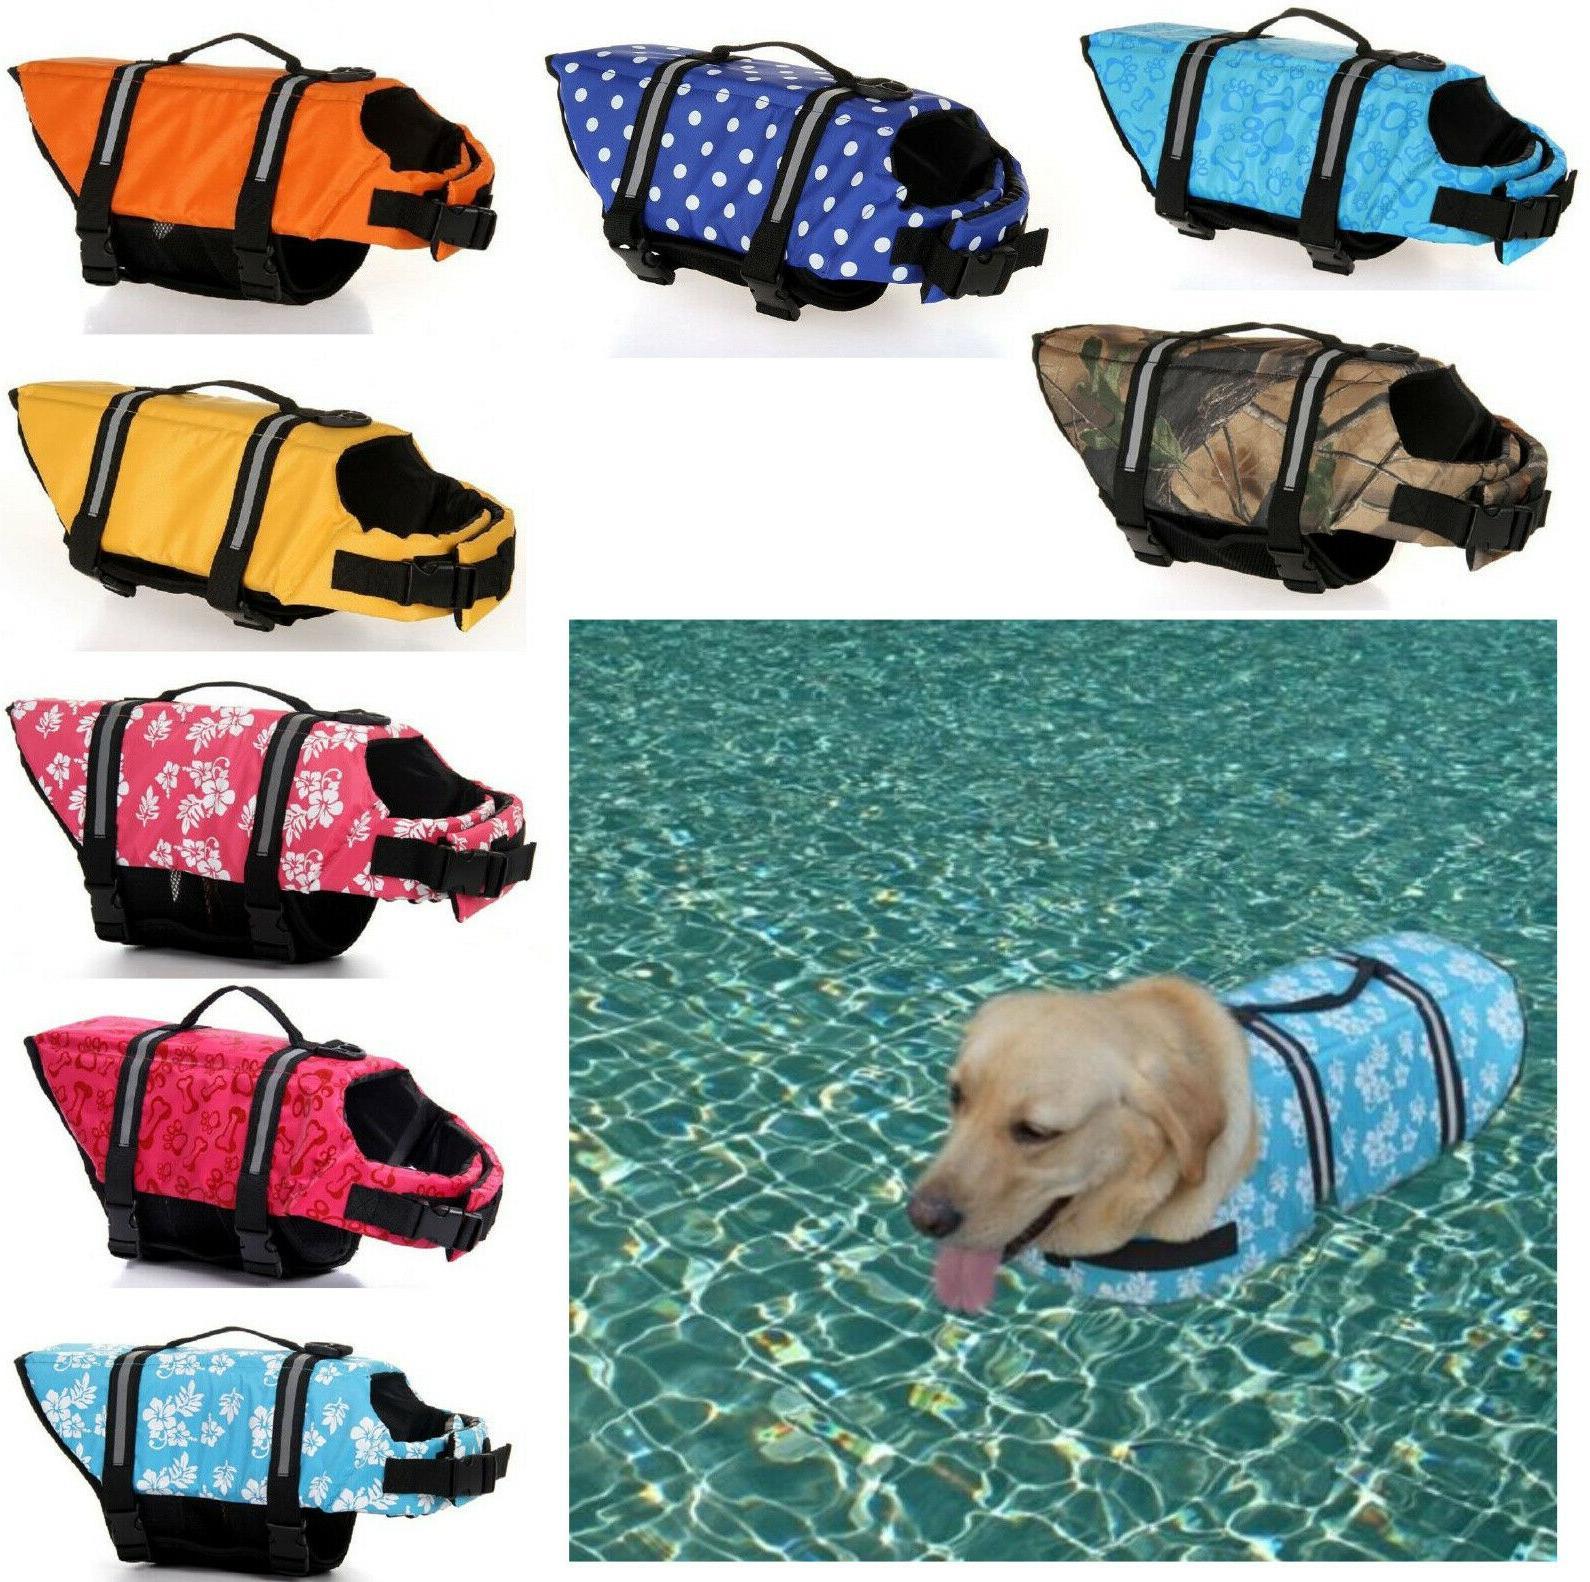 life jacket for dog saver vest preserver